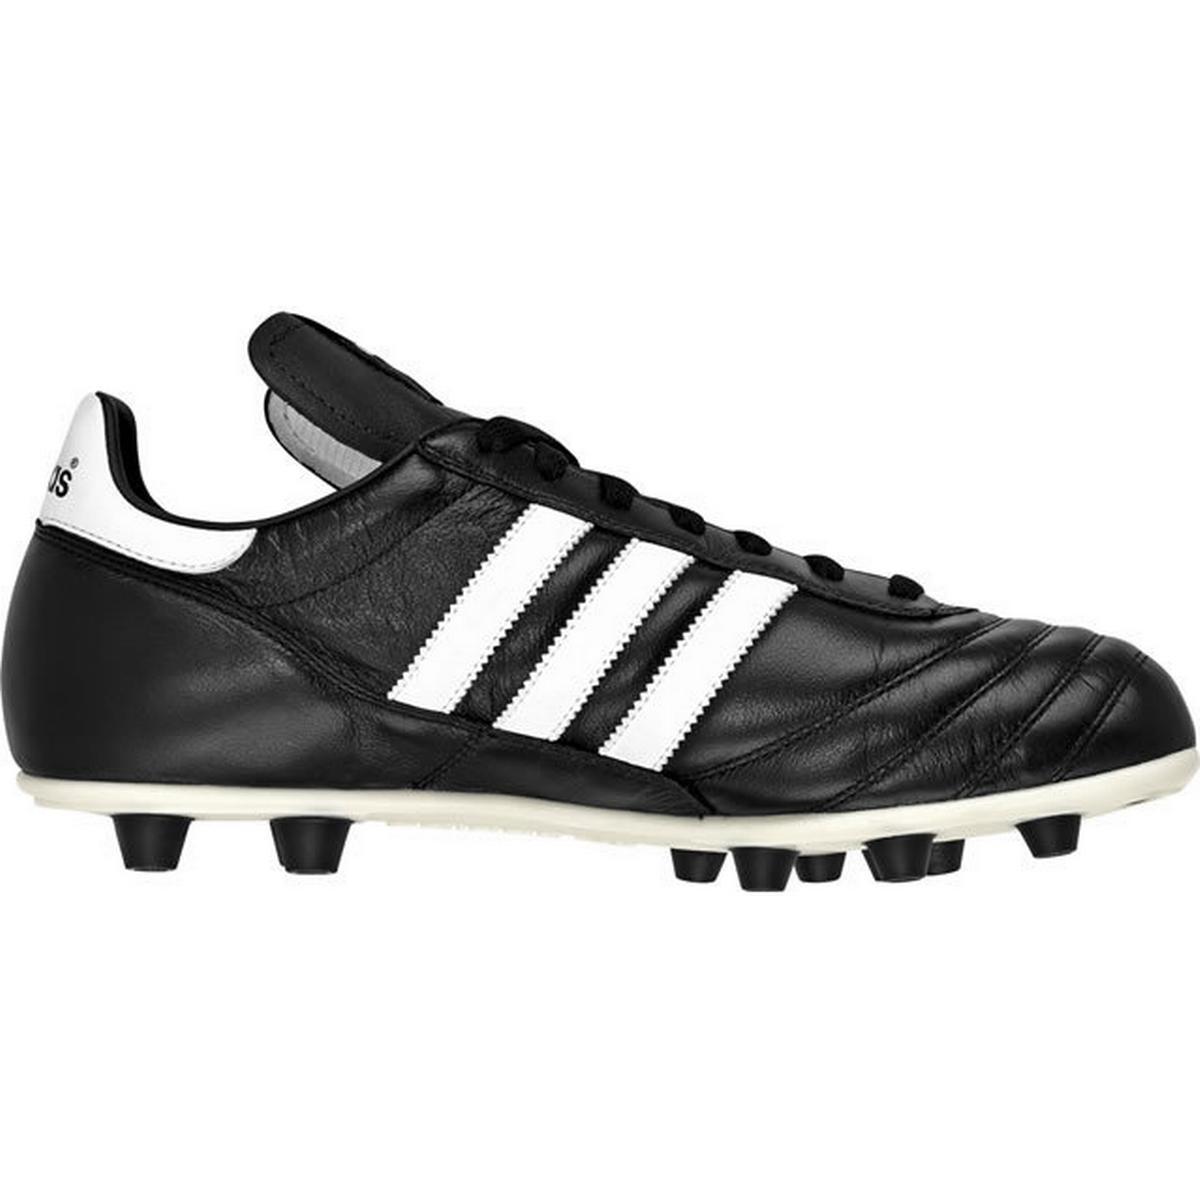 10331a1e774 Fodboldstøvler - Sammenlign priser hos PriceRunner